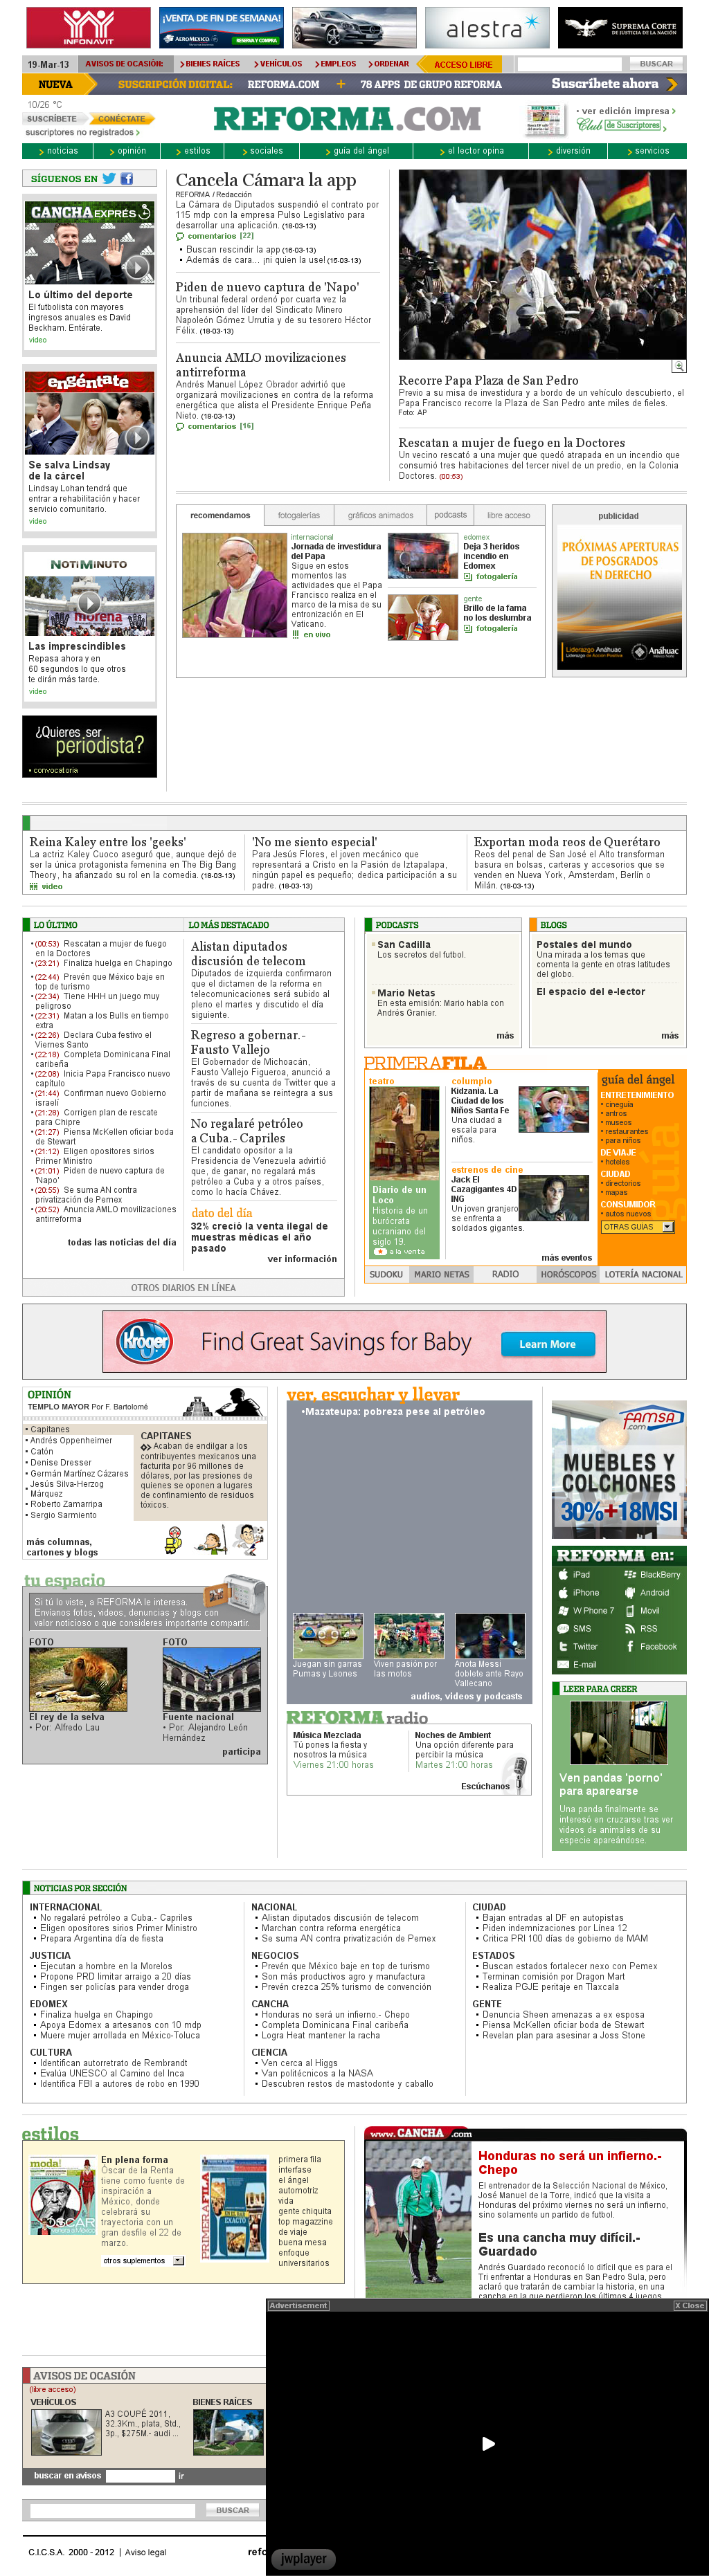 Reforma.com at Tuesday March 19, 2013, 8:21 a.m. UTC